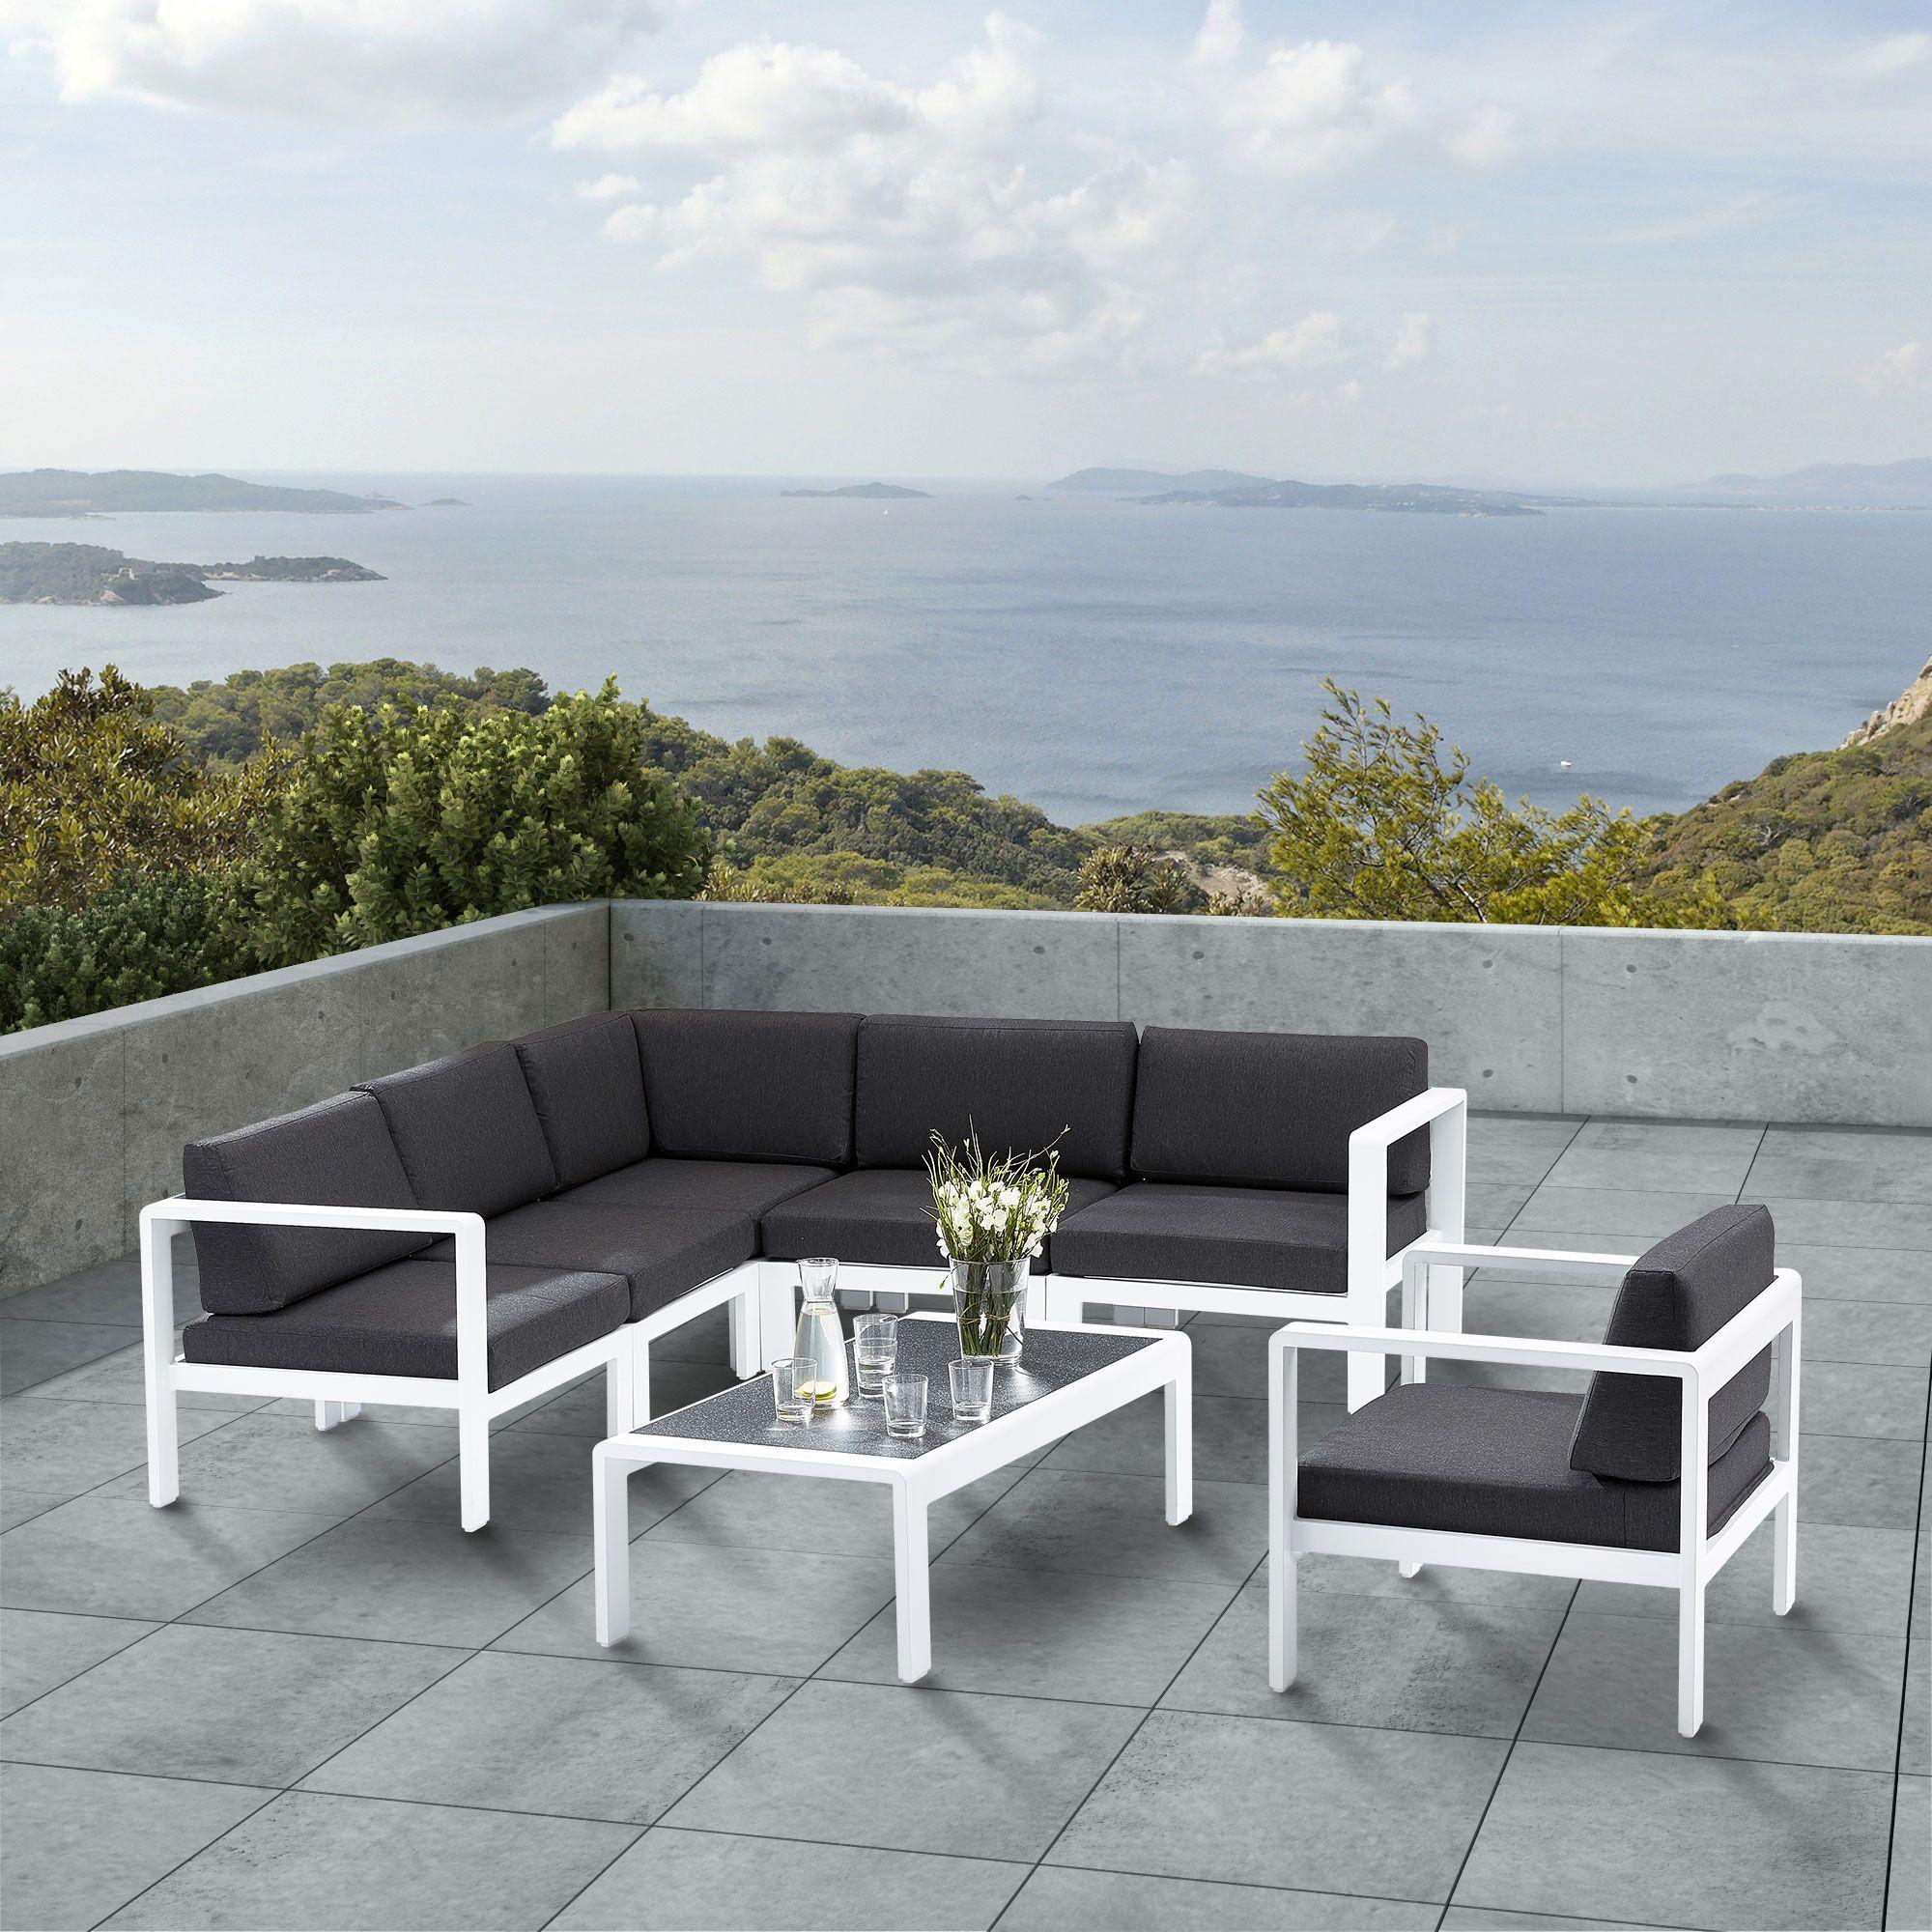 salon de jardin en alu  1 canapé 5 pers  1 fauteuil  1